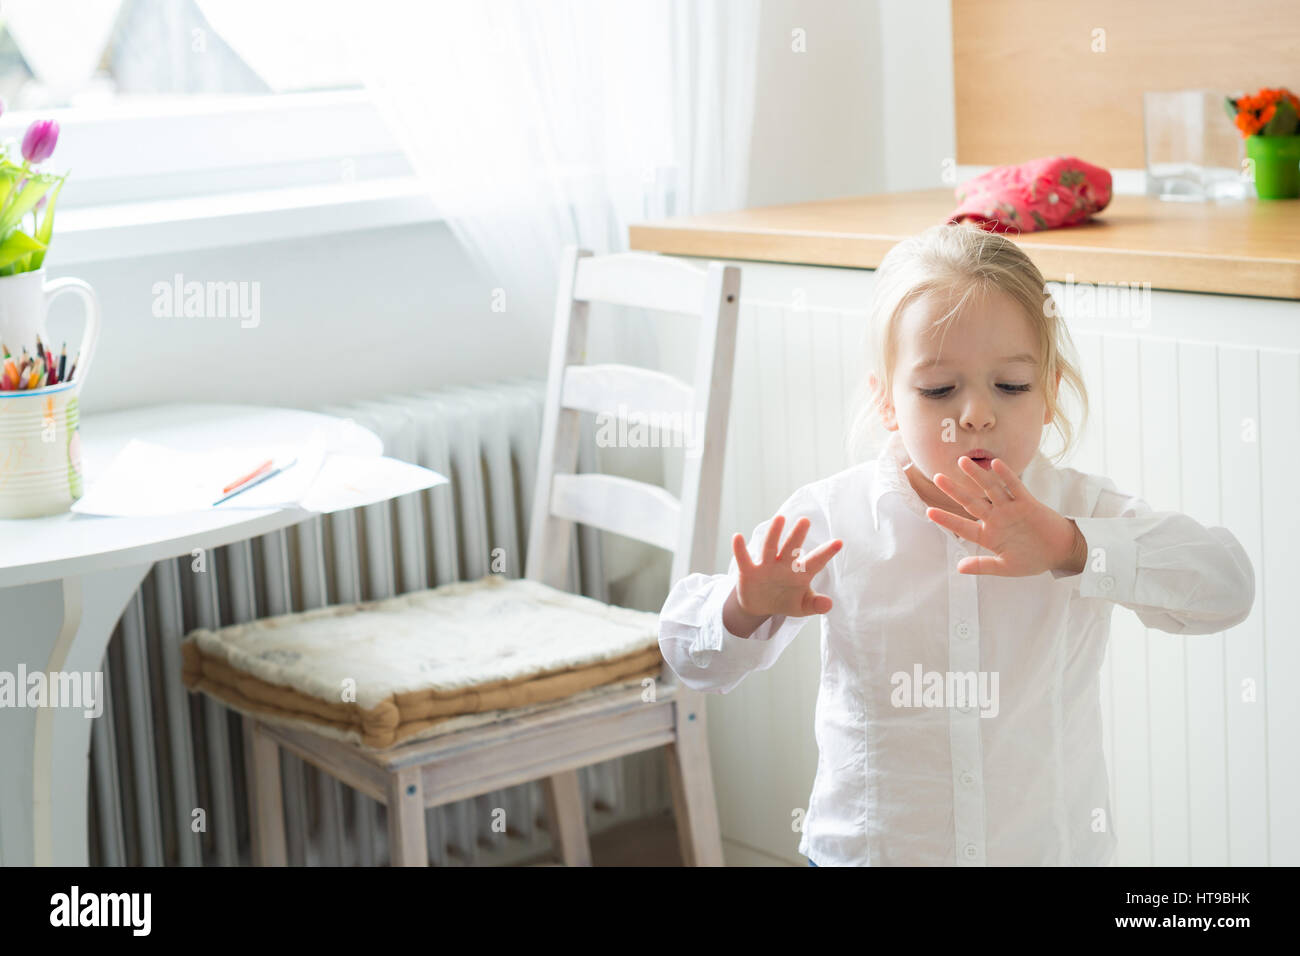 Bambina cercando di asciugare la sua dipinta di fresco unghie Immagini Stock